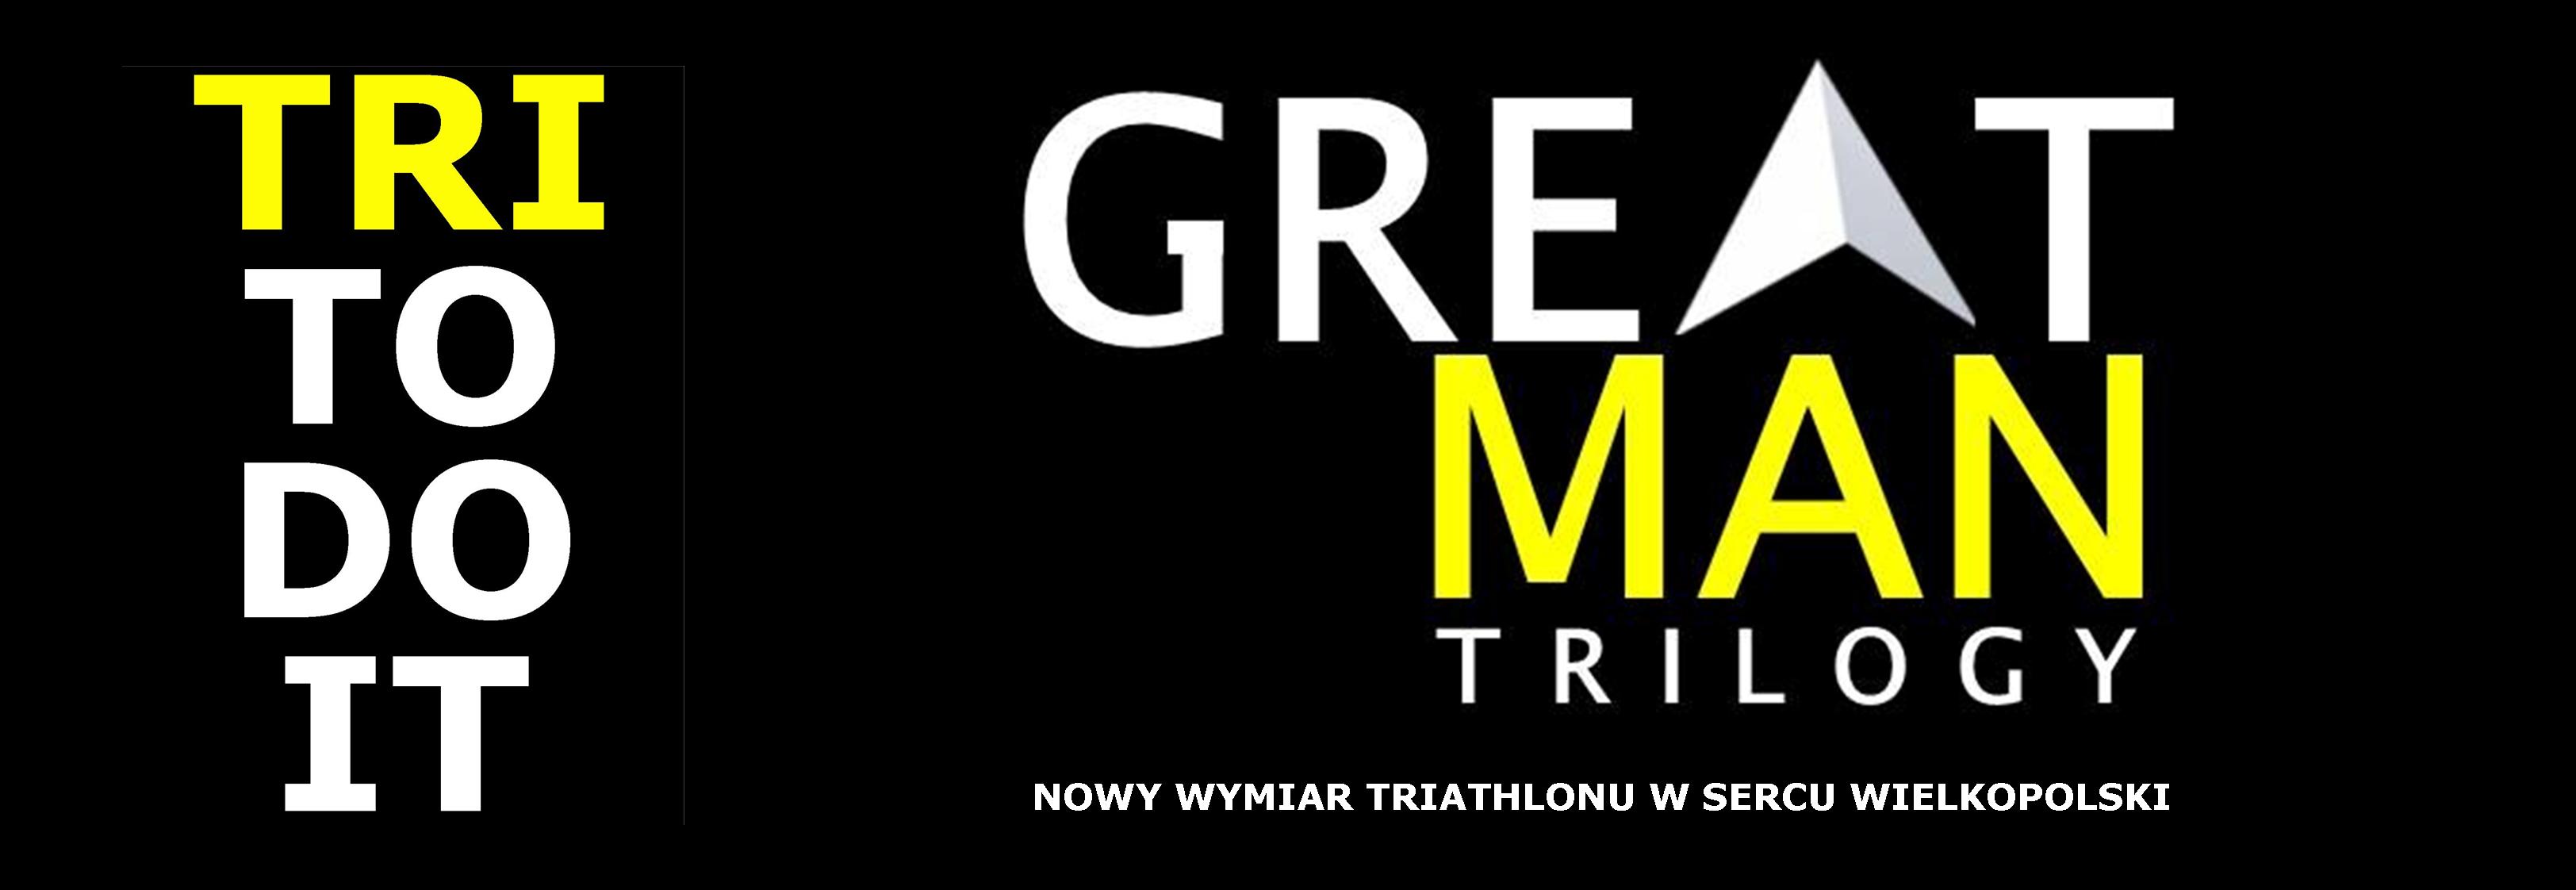 Greatman 2017